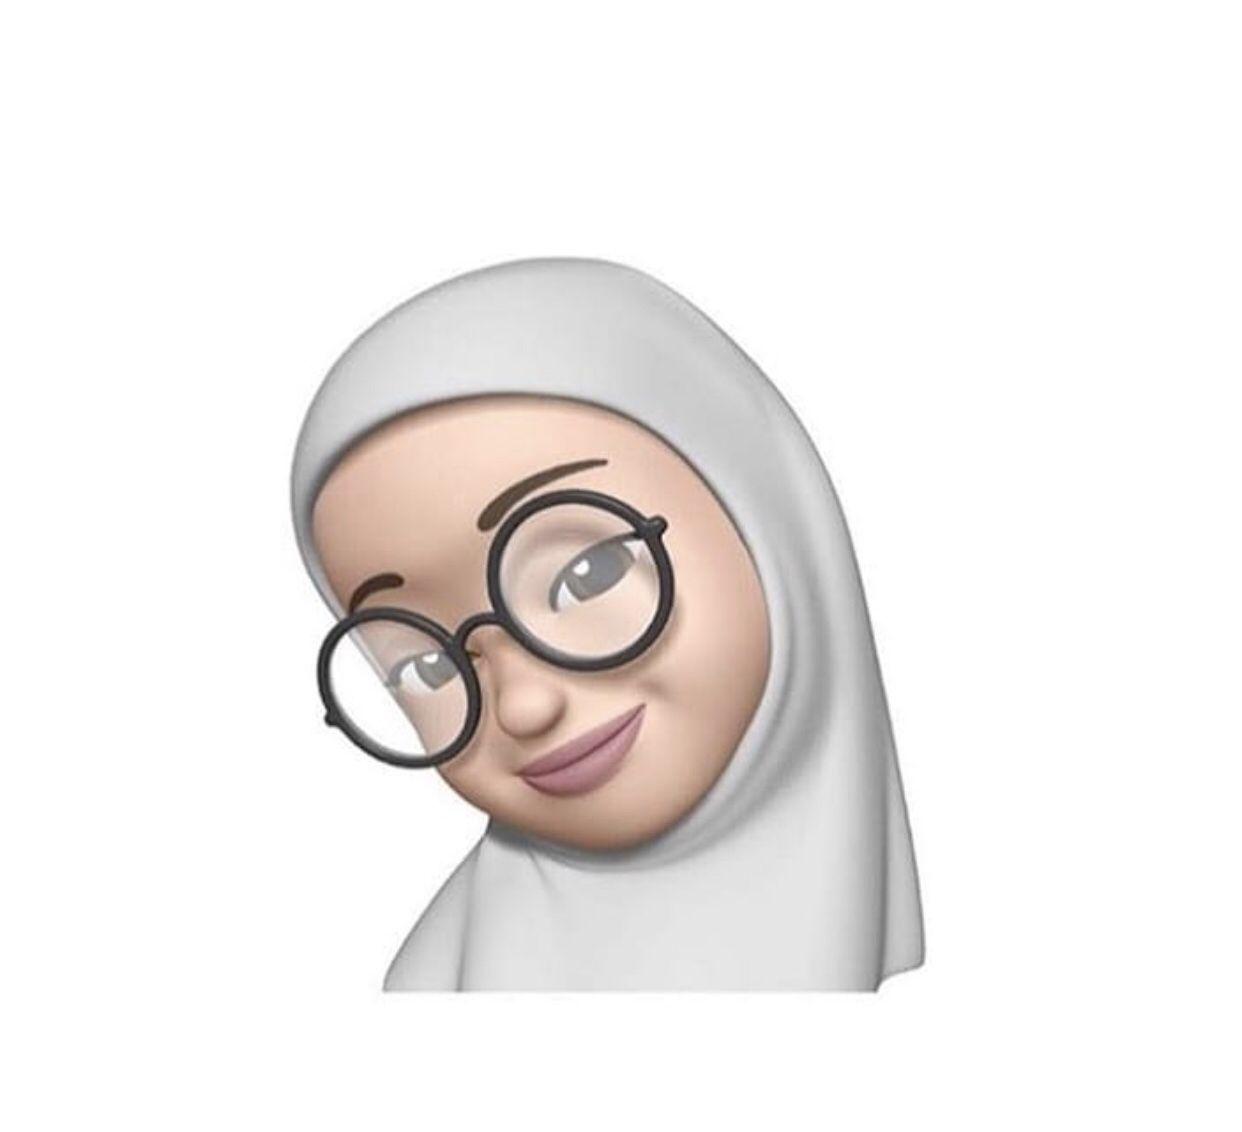 Zepeto Berjilbab Zepeto Animasi Desain Karakter Animasi Kartun Lucu Kartun Hijab